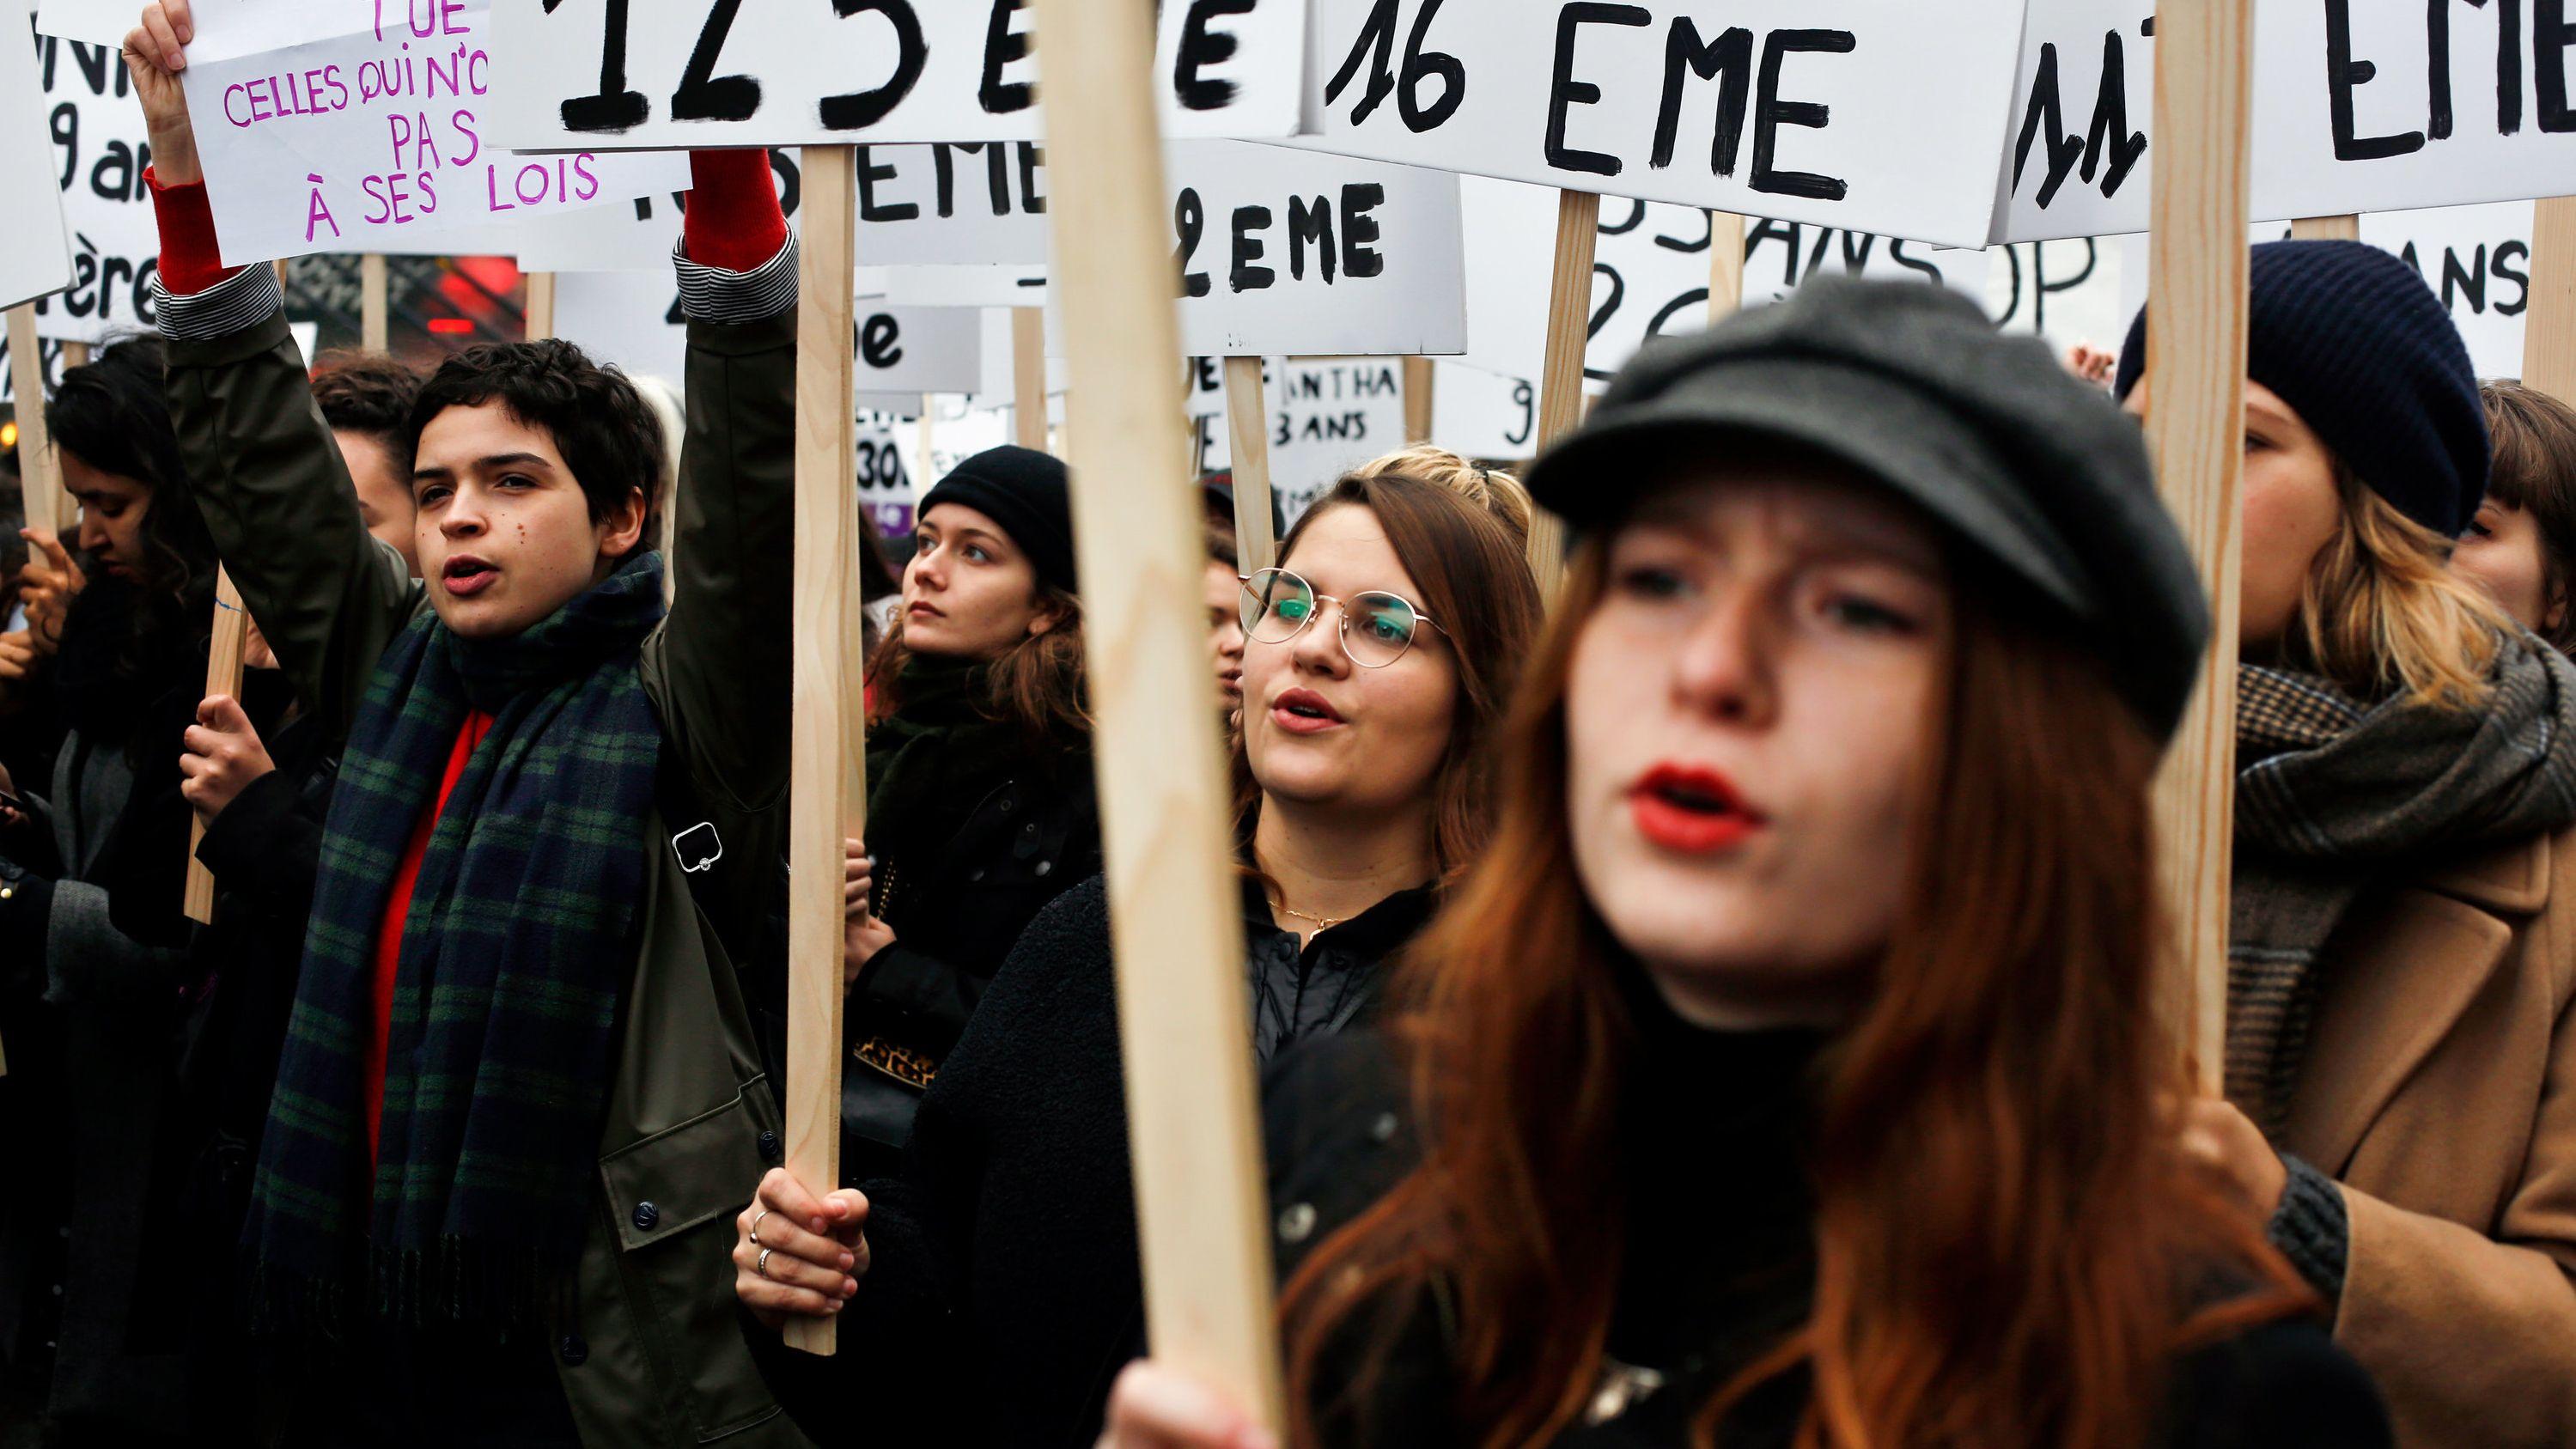 Frauen halten bei einer Demonstration in Paris Plakate, um gegen häusliche Gewalt zu protestieren.